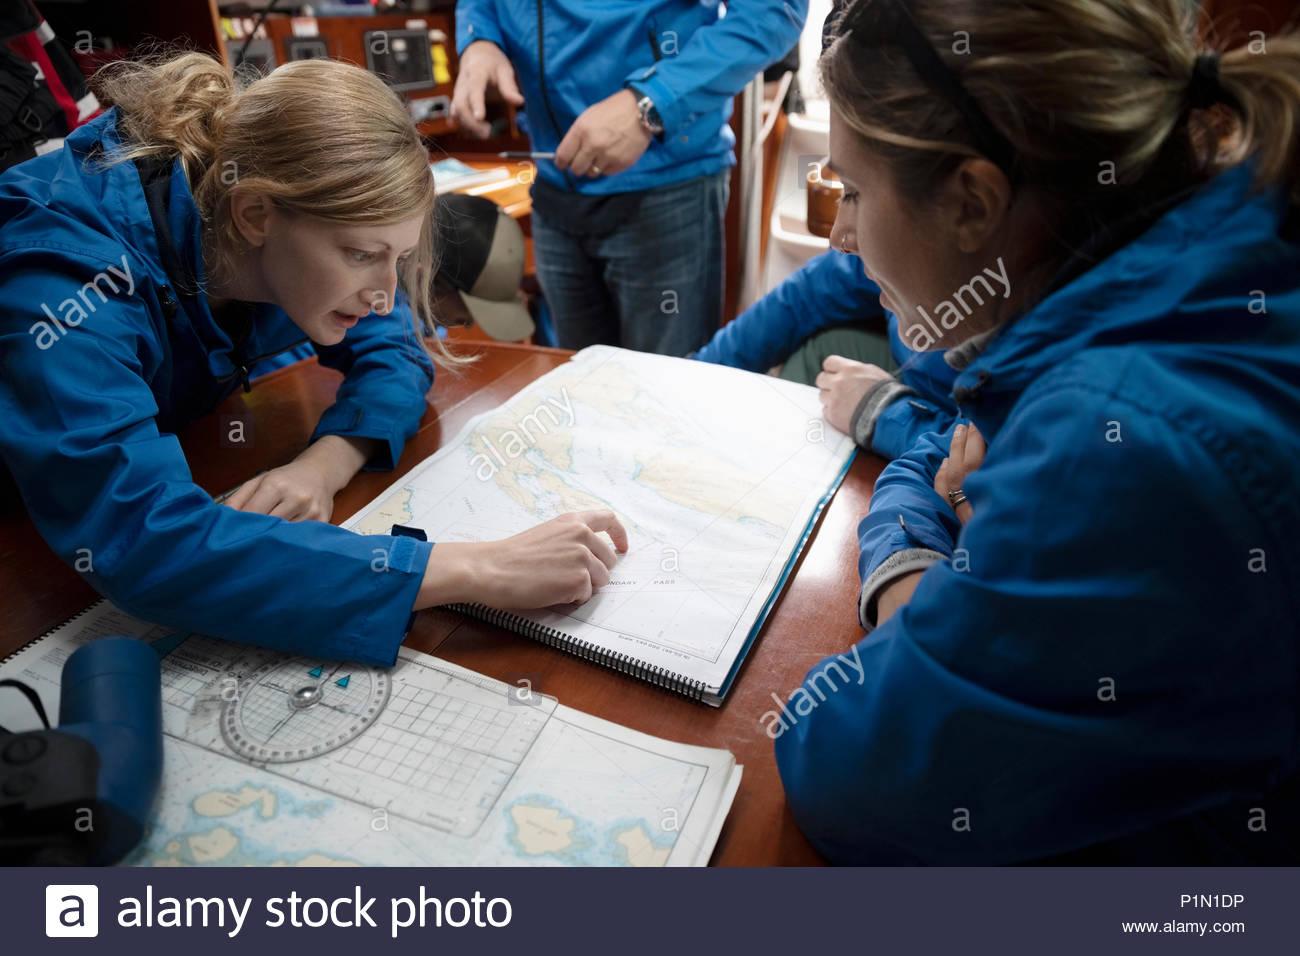 Sailing Team plotten Kurs an der Karte auf dem Segelboot Stockbild